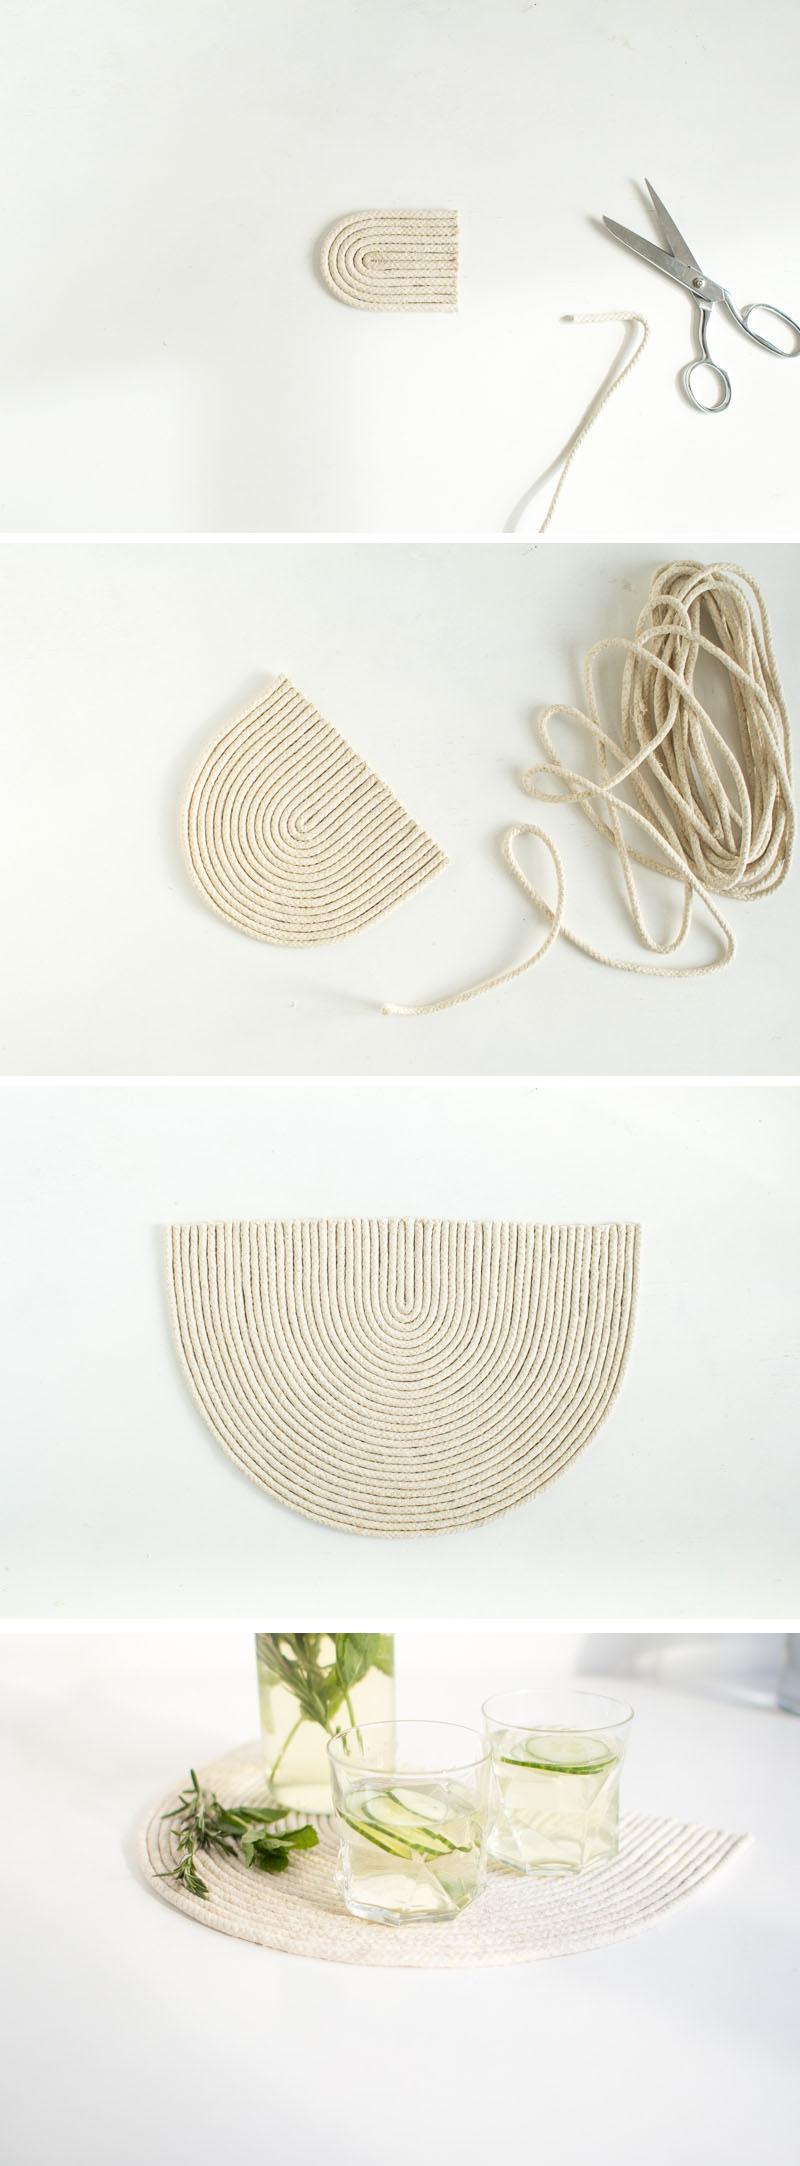 Fall For DIY | Rope trivet mat tutorial steps